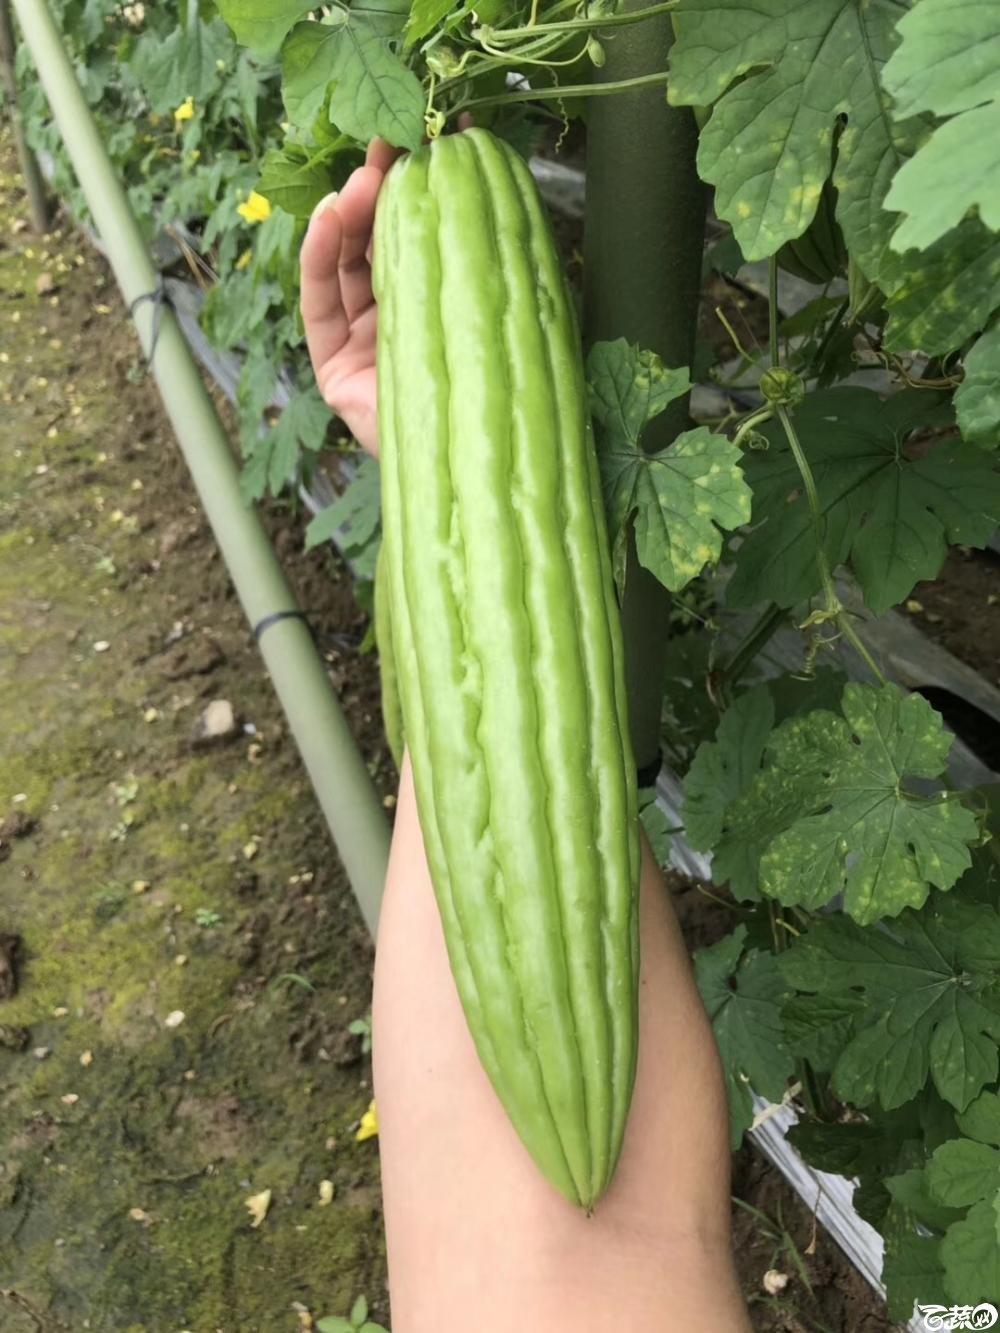 第十七届广州市蔬菜新品种展示推广会,专家重点推介品种,吉星一号苦瓜 009.JPG